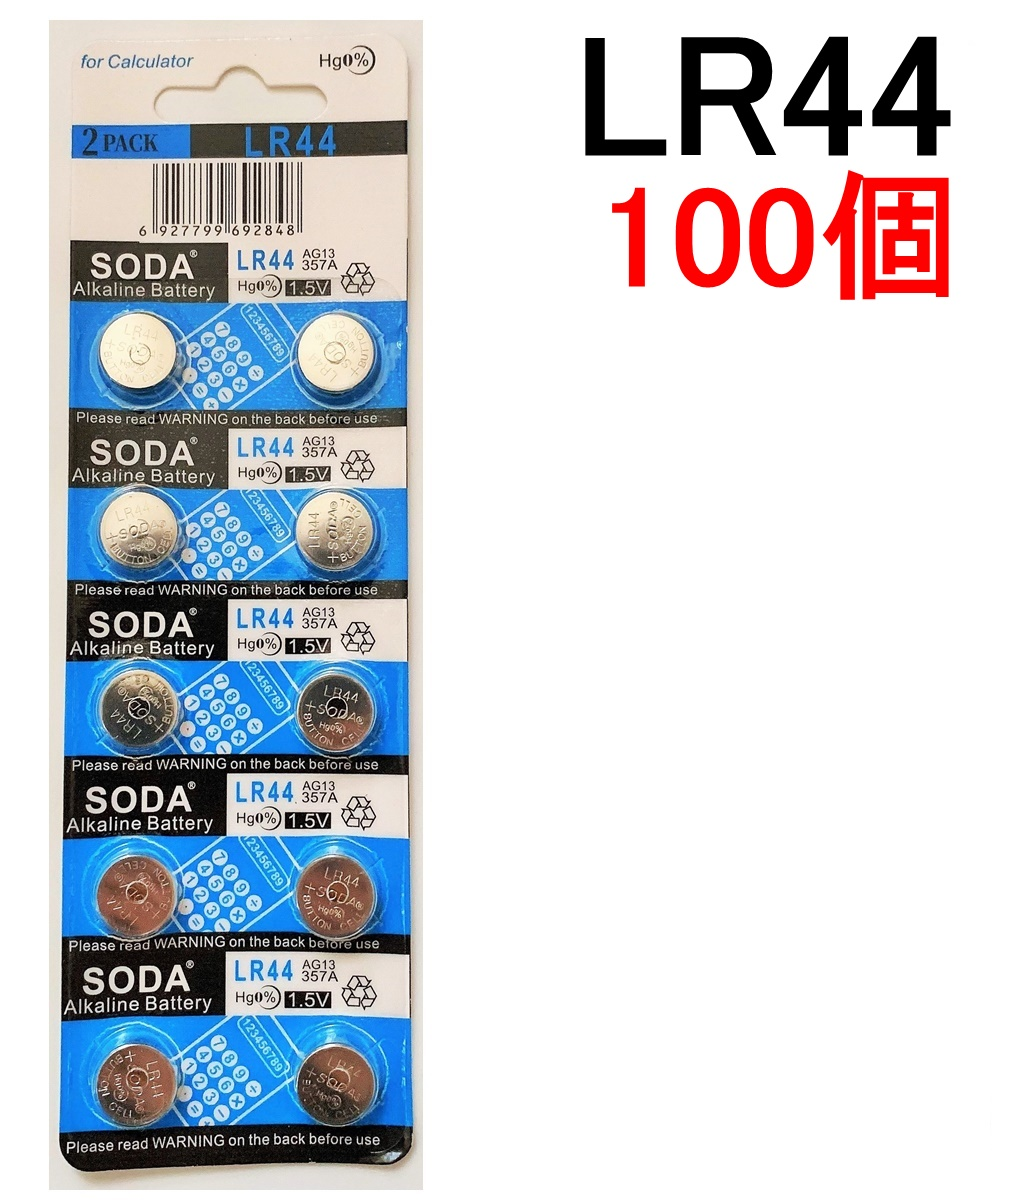 アルカリボタン電池 まとめ売り ランキング2位受賞 翌日出荷 送料無料 AL完売しました LR44 1.55V 100個セット 定番の人気シリーズPOINT(ポイント)入荷